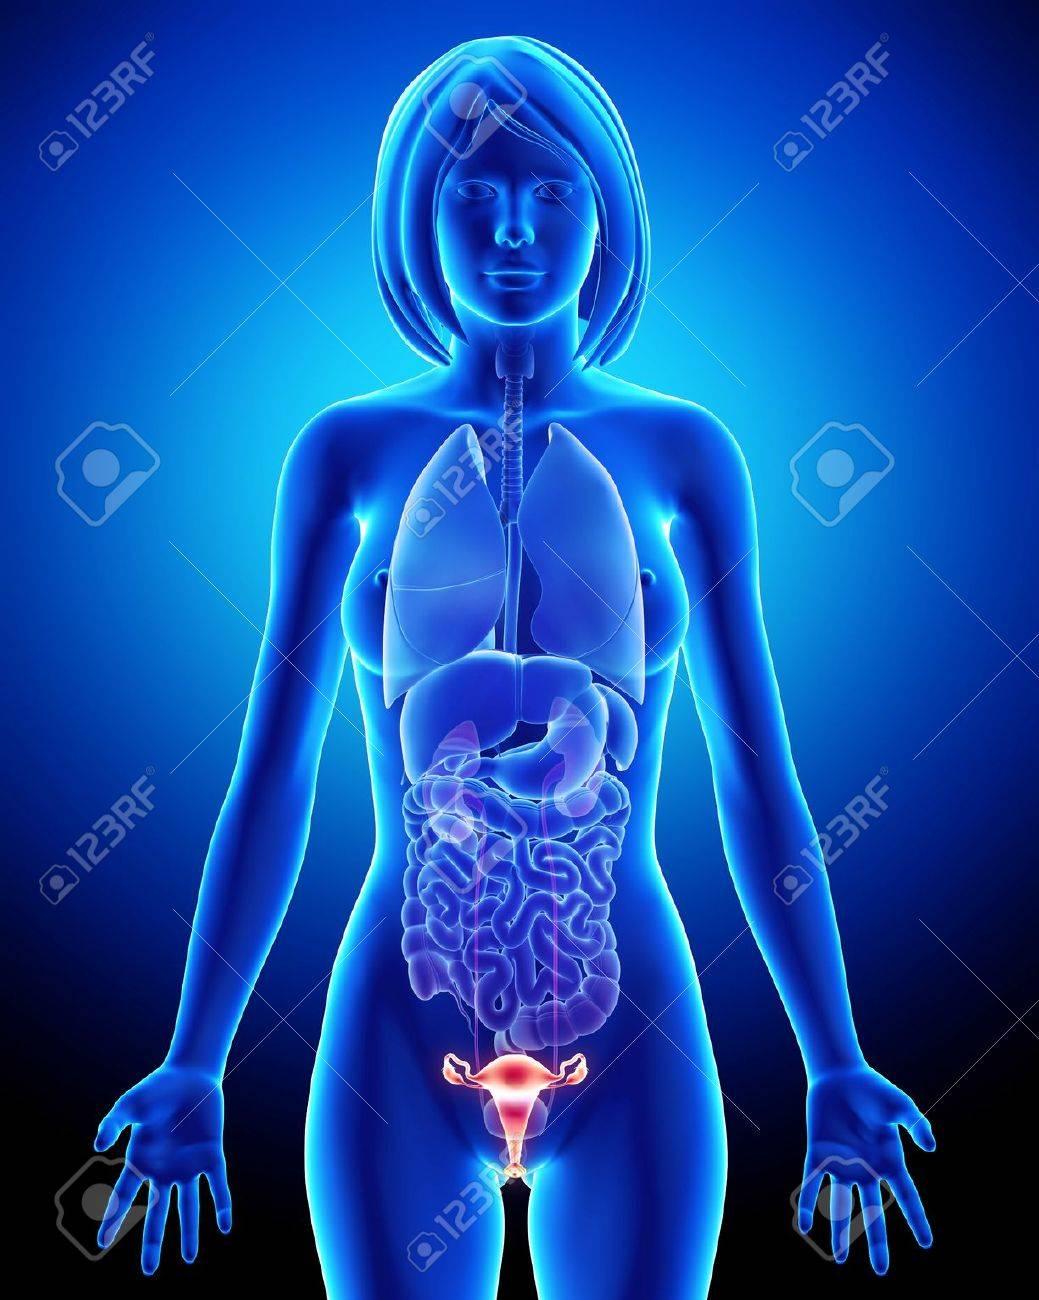 Weibliche Anatomie Blase In Blau Röntgen-Schleife Lizenzfreie Fotos ...